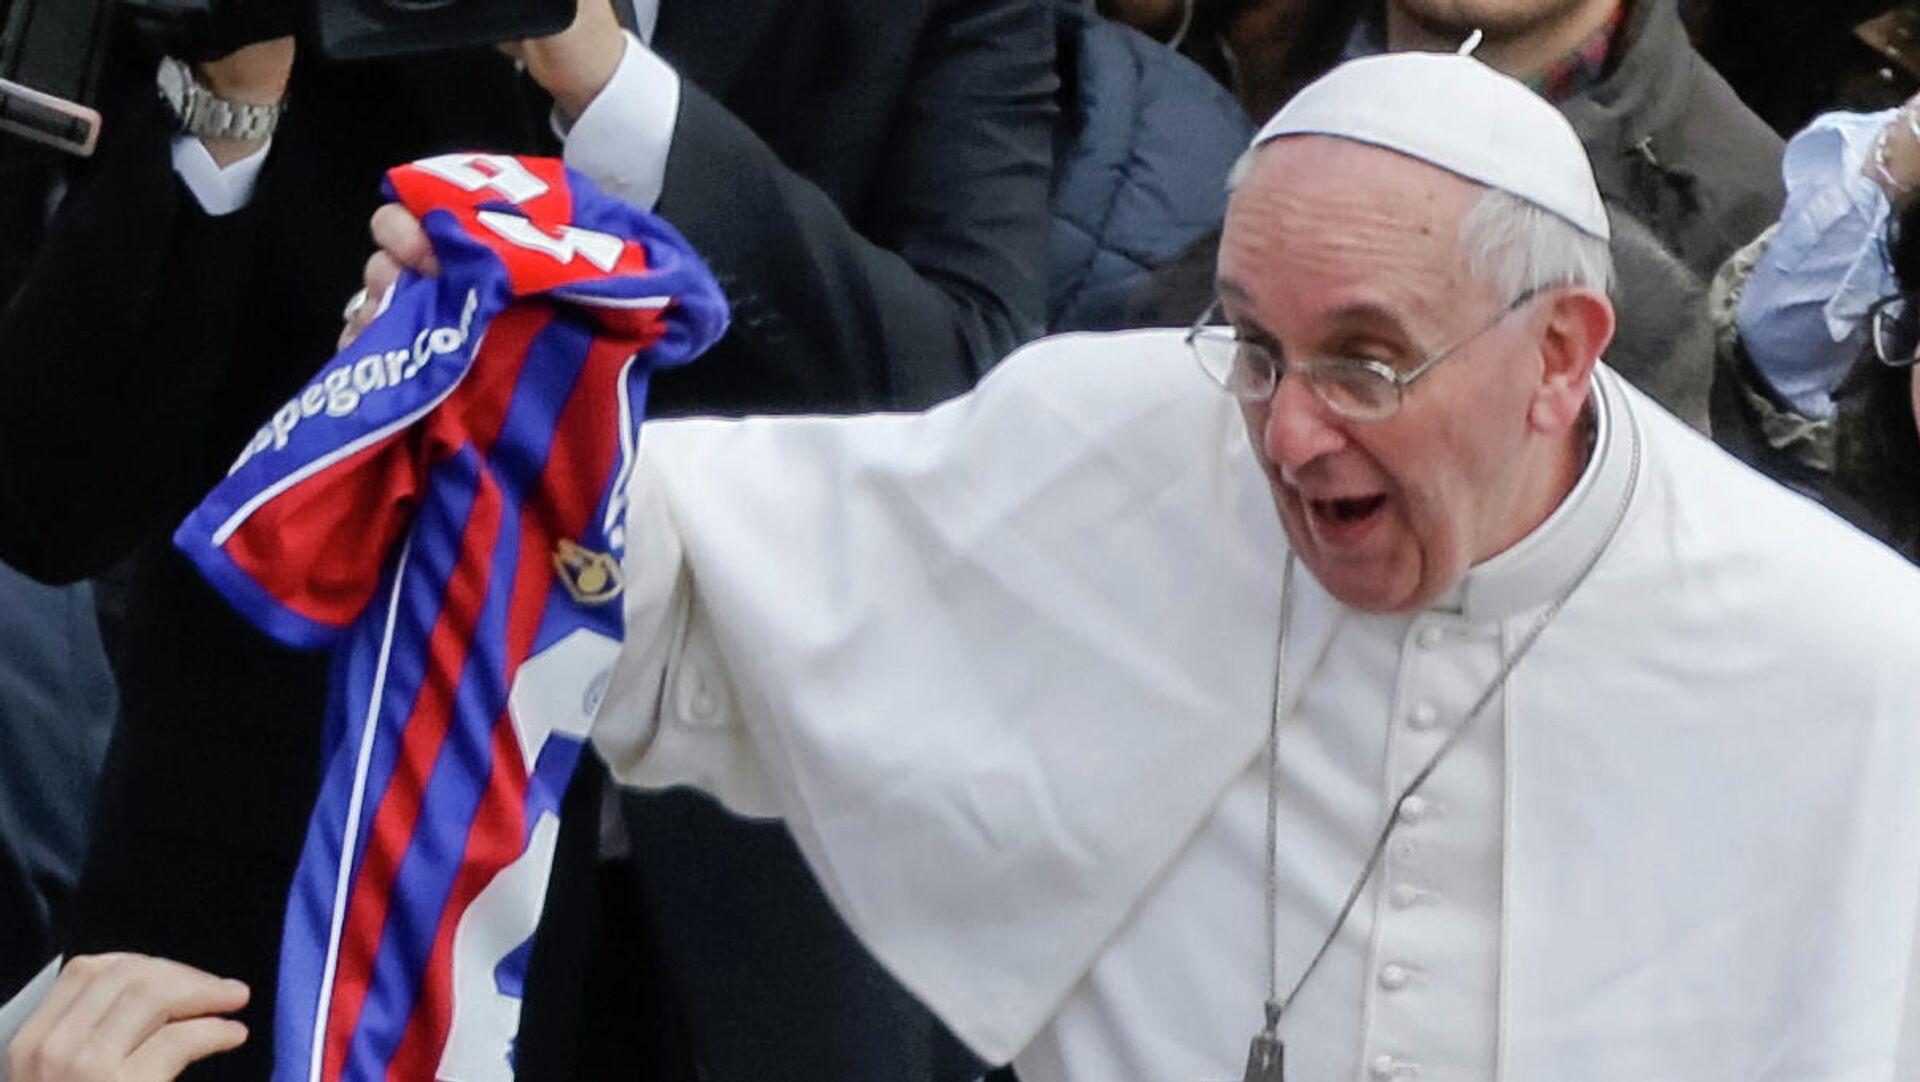 El papa Franciso con una camiseta de San Lorenzo de Almagro - Sputnik Mundo, 1920, 13.08.2021